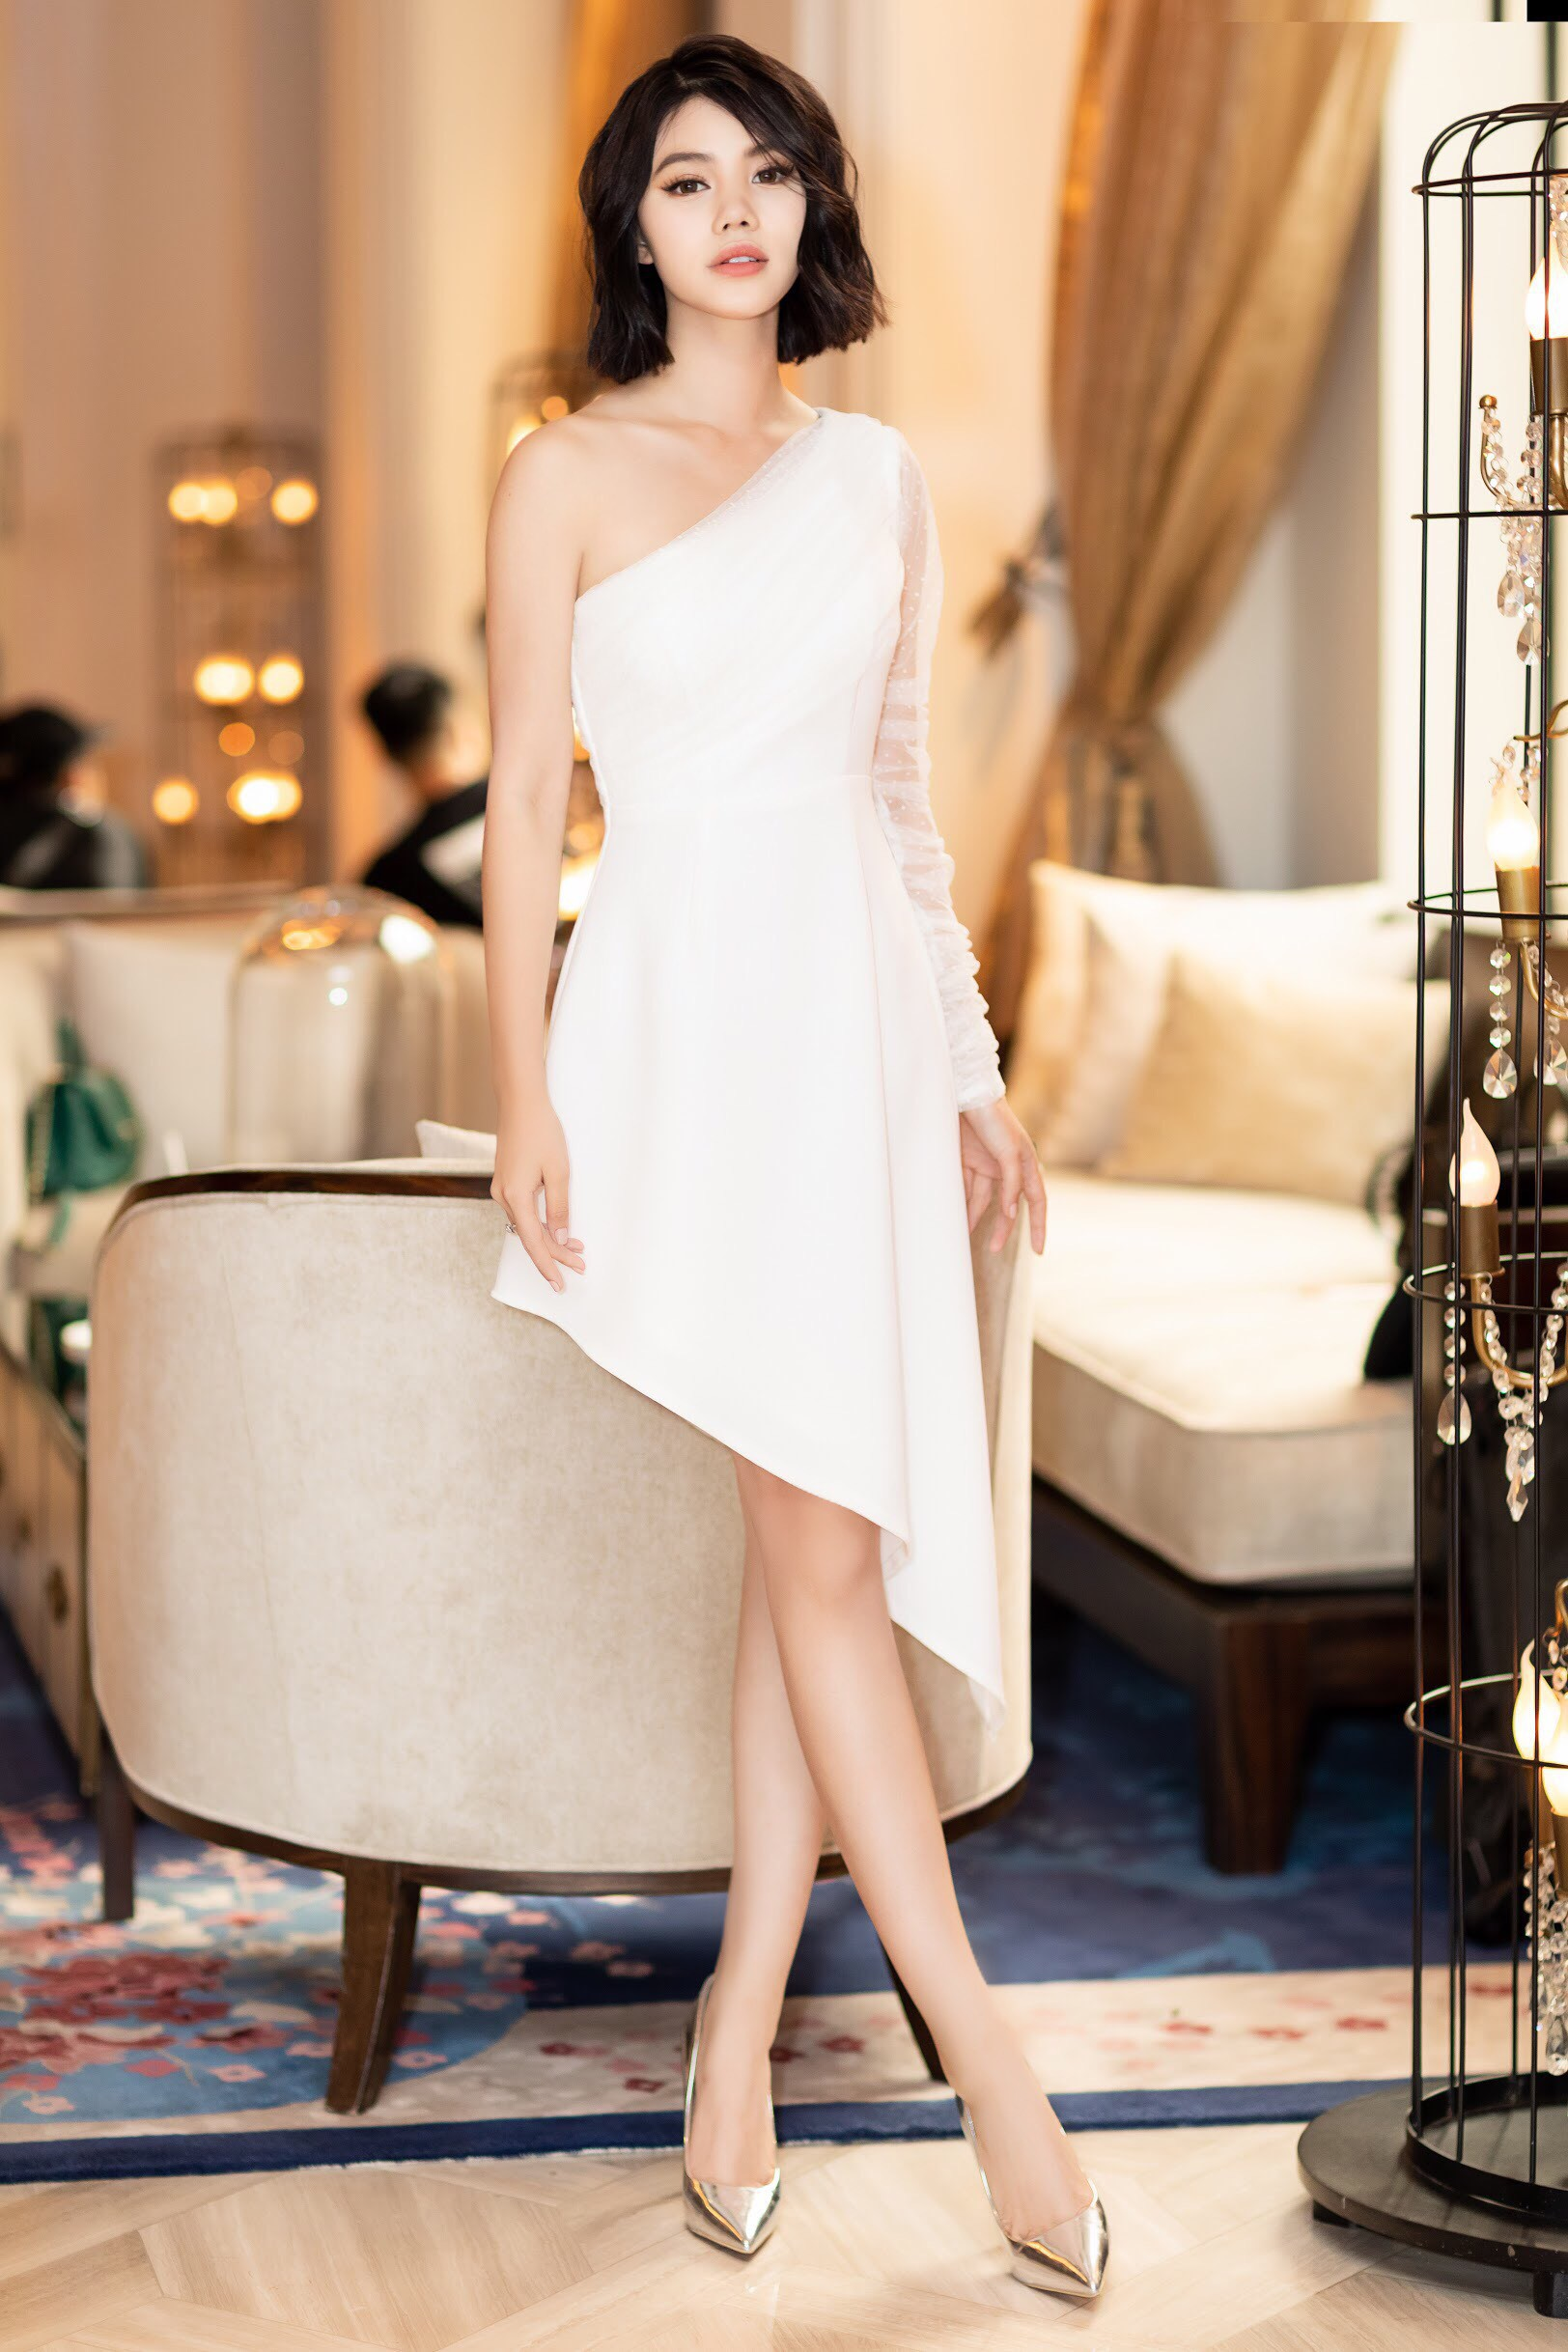 Thẳng tay cắt bỏ mái tóc dài để 20 năm, Hoa hậu Jolie Nguyễn vẫn gây thương nhớ với tóc ngắn cá tính - Ảnh 1.